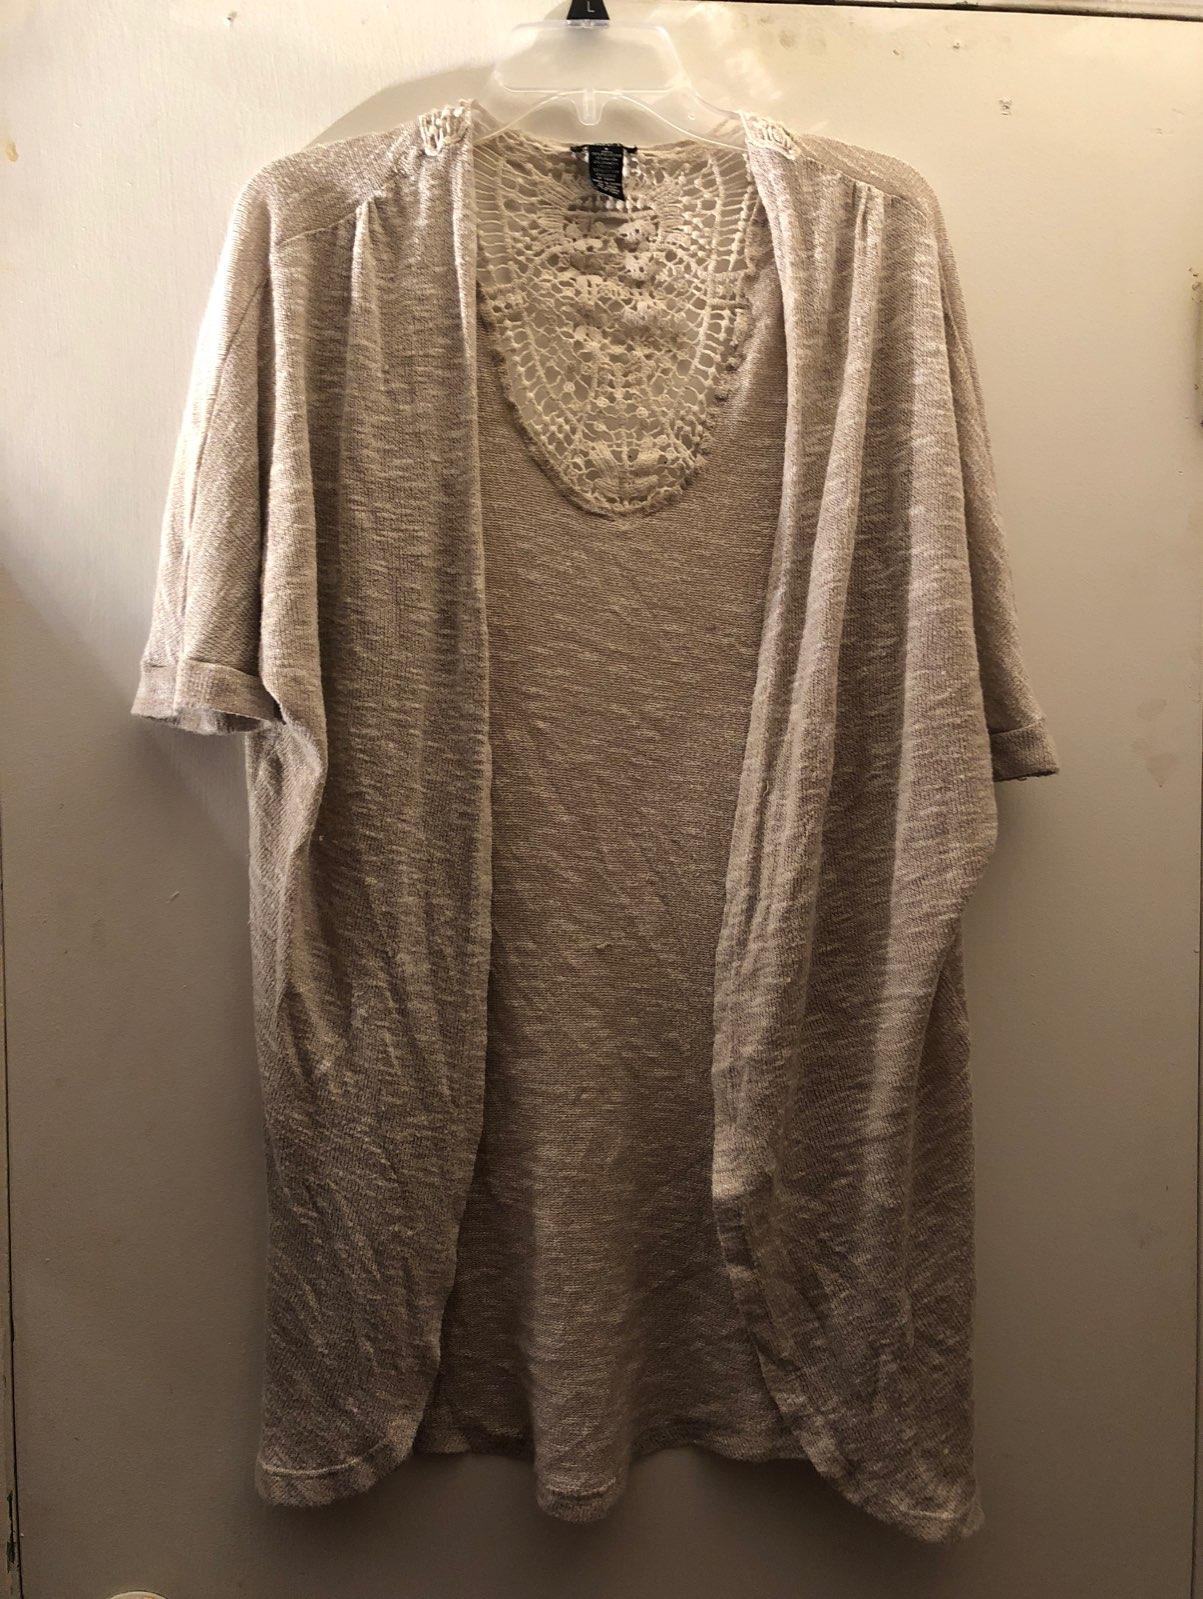 Rue 21 Short Sleeve Cardigan - Mercari: BUY & SELL THINGS YOU LOVE